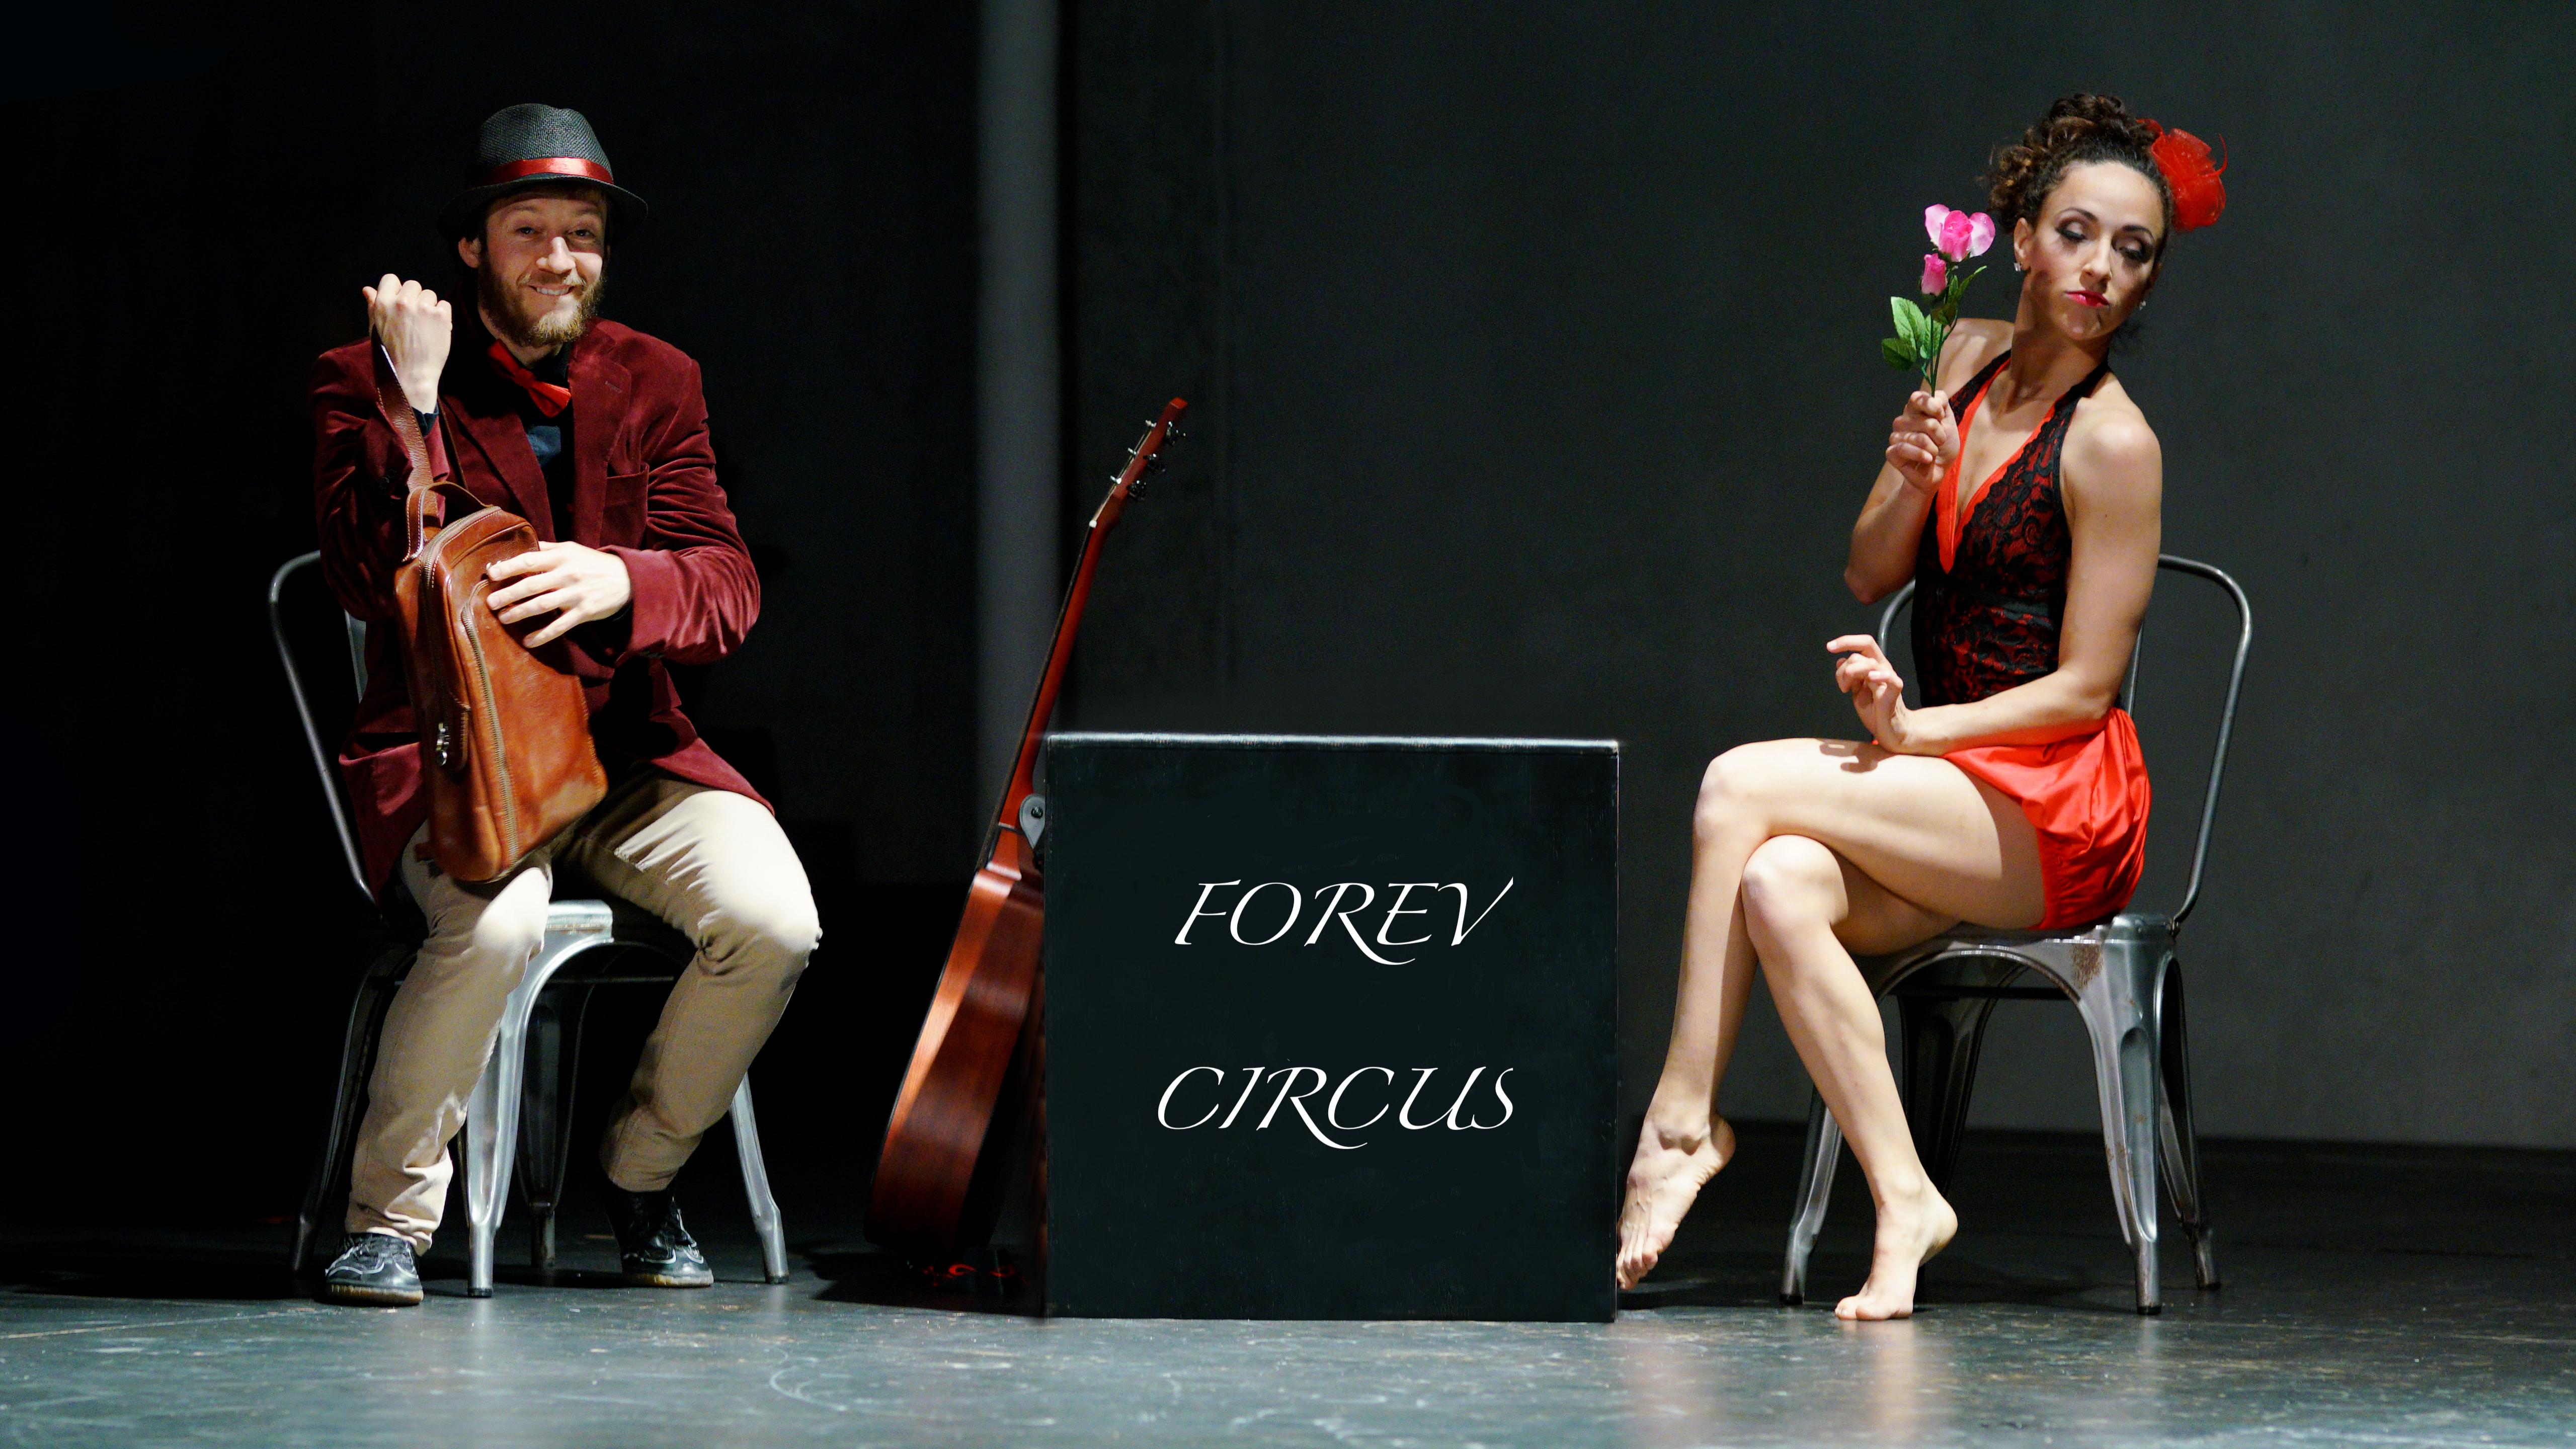 sante_sasha_forev-circus